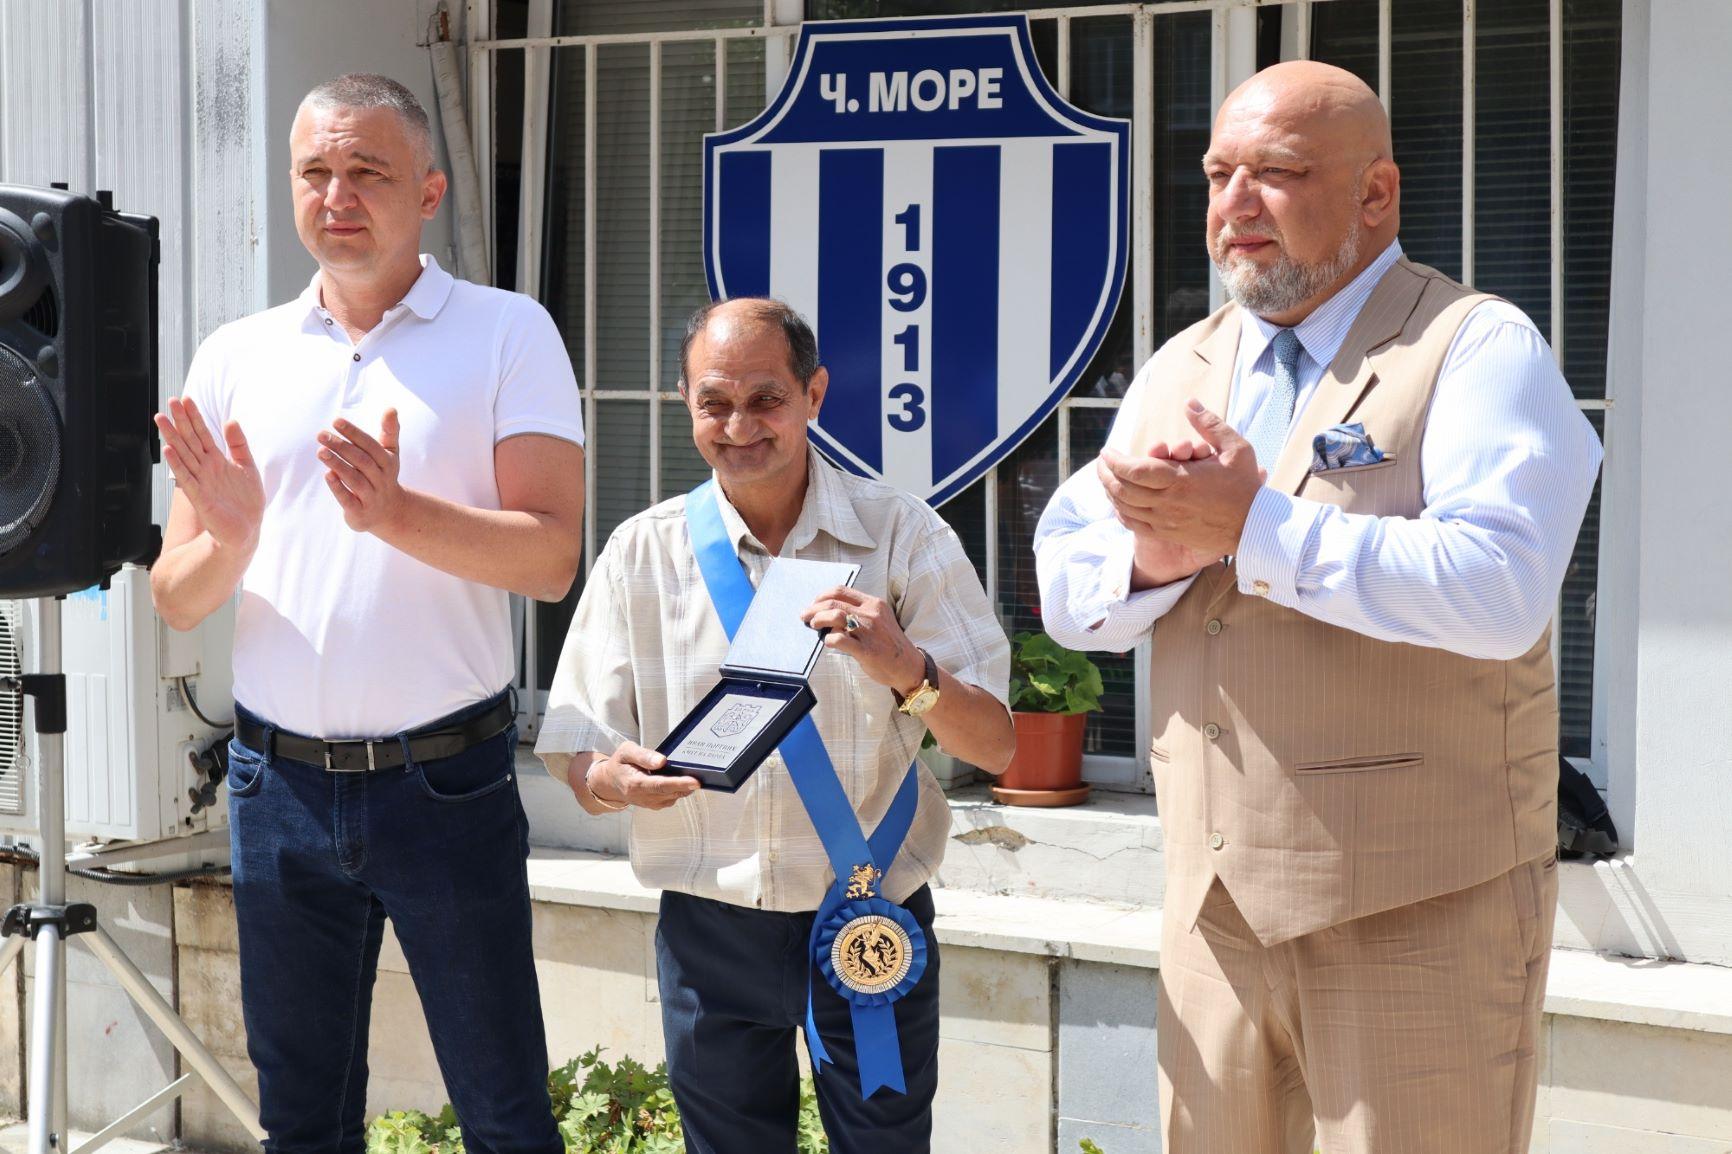 Ивайло Маринов получи най-високото държавно спортно отличие (СНИМКИ)